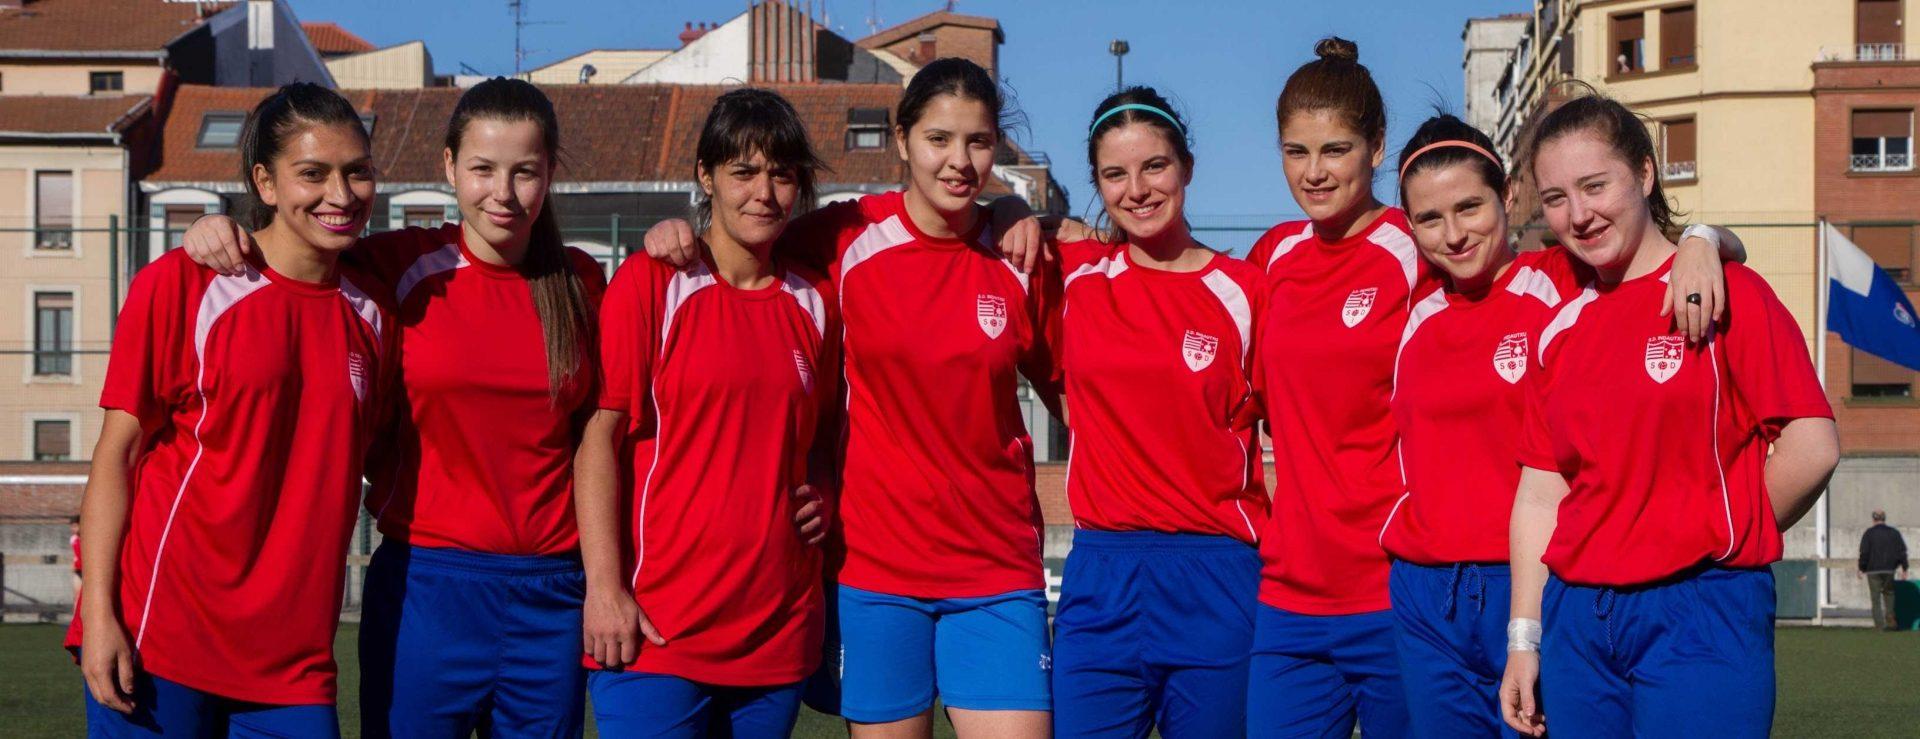 Queremos hacer crecer el fútbol femenino / Emakumezkoen futbola haztea nahi dugu